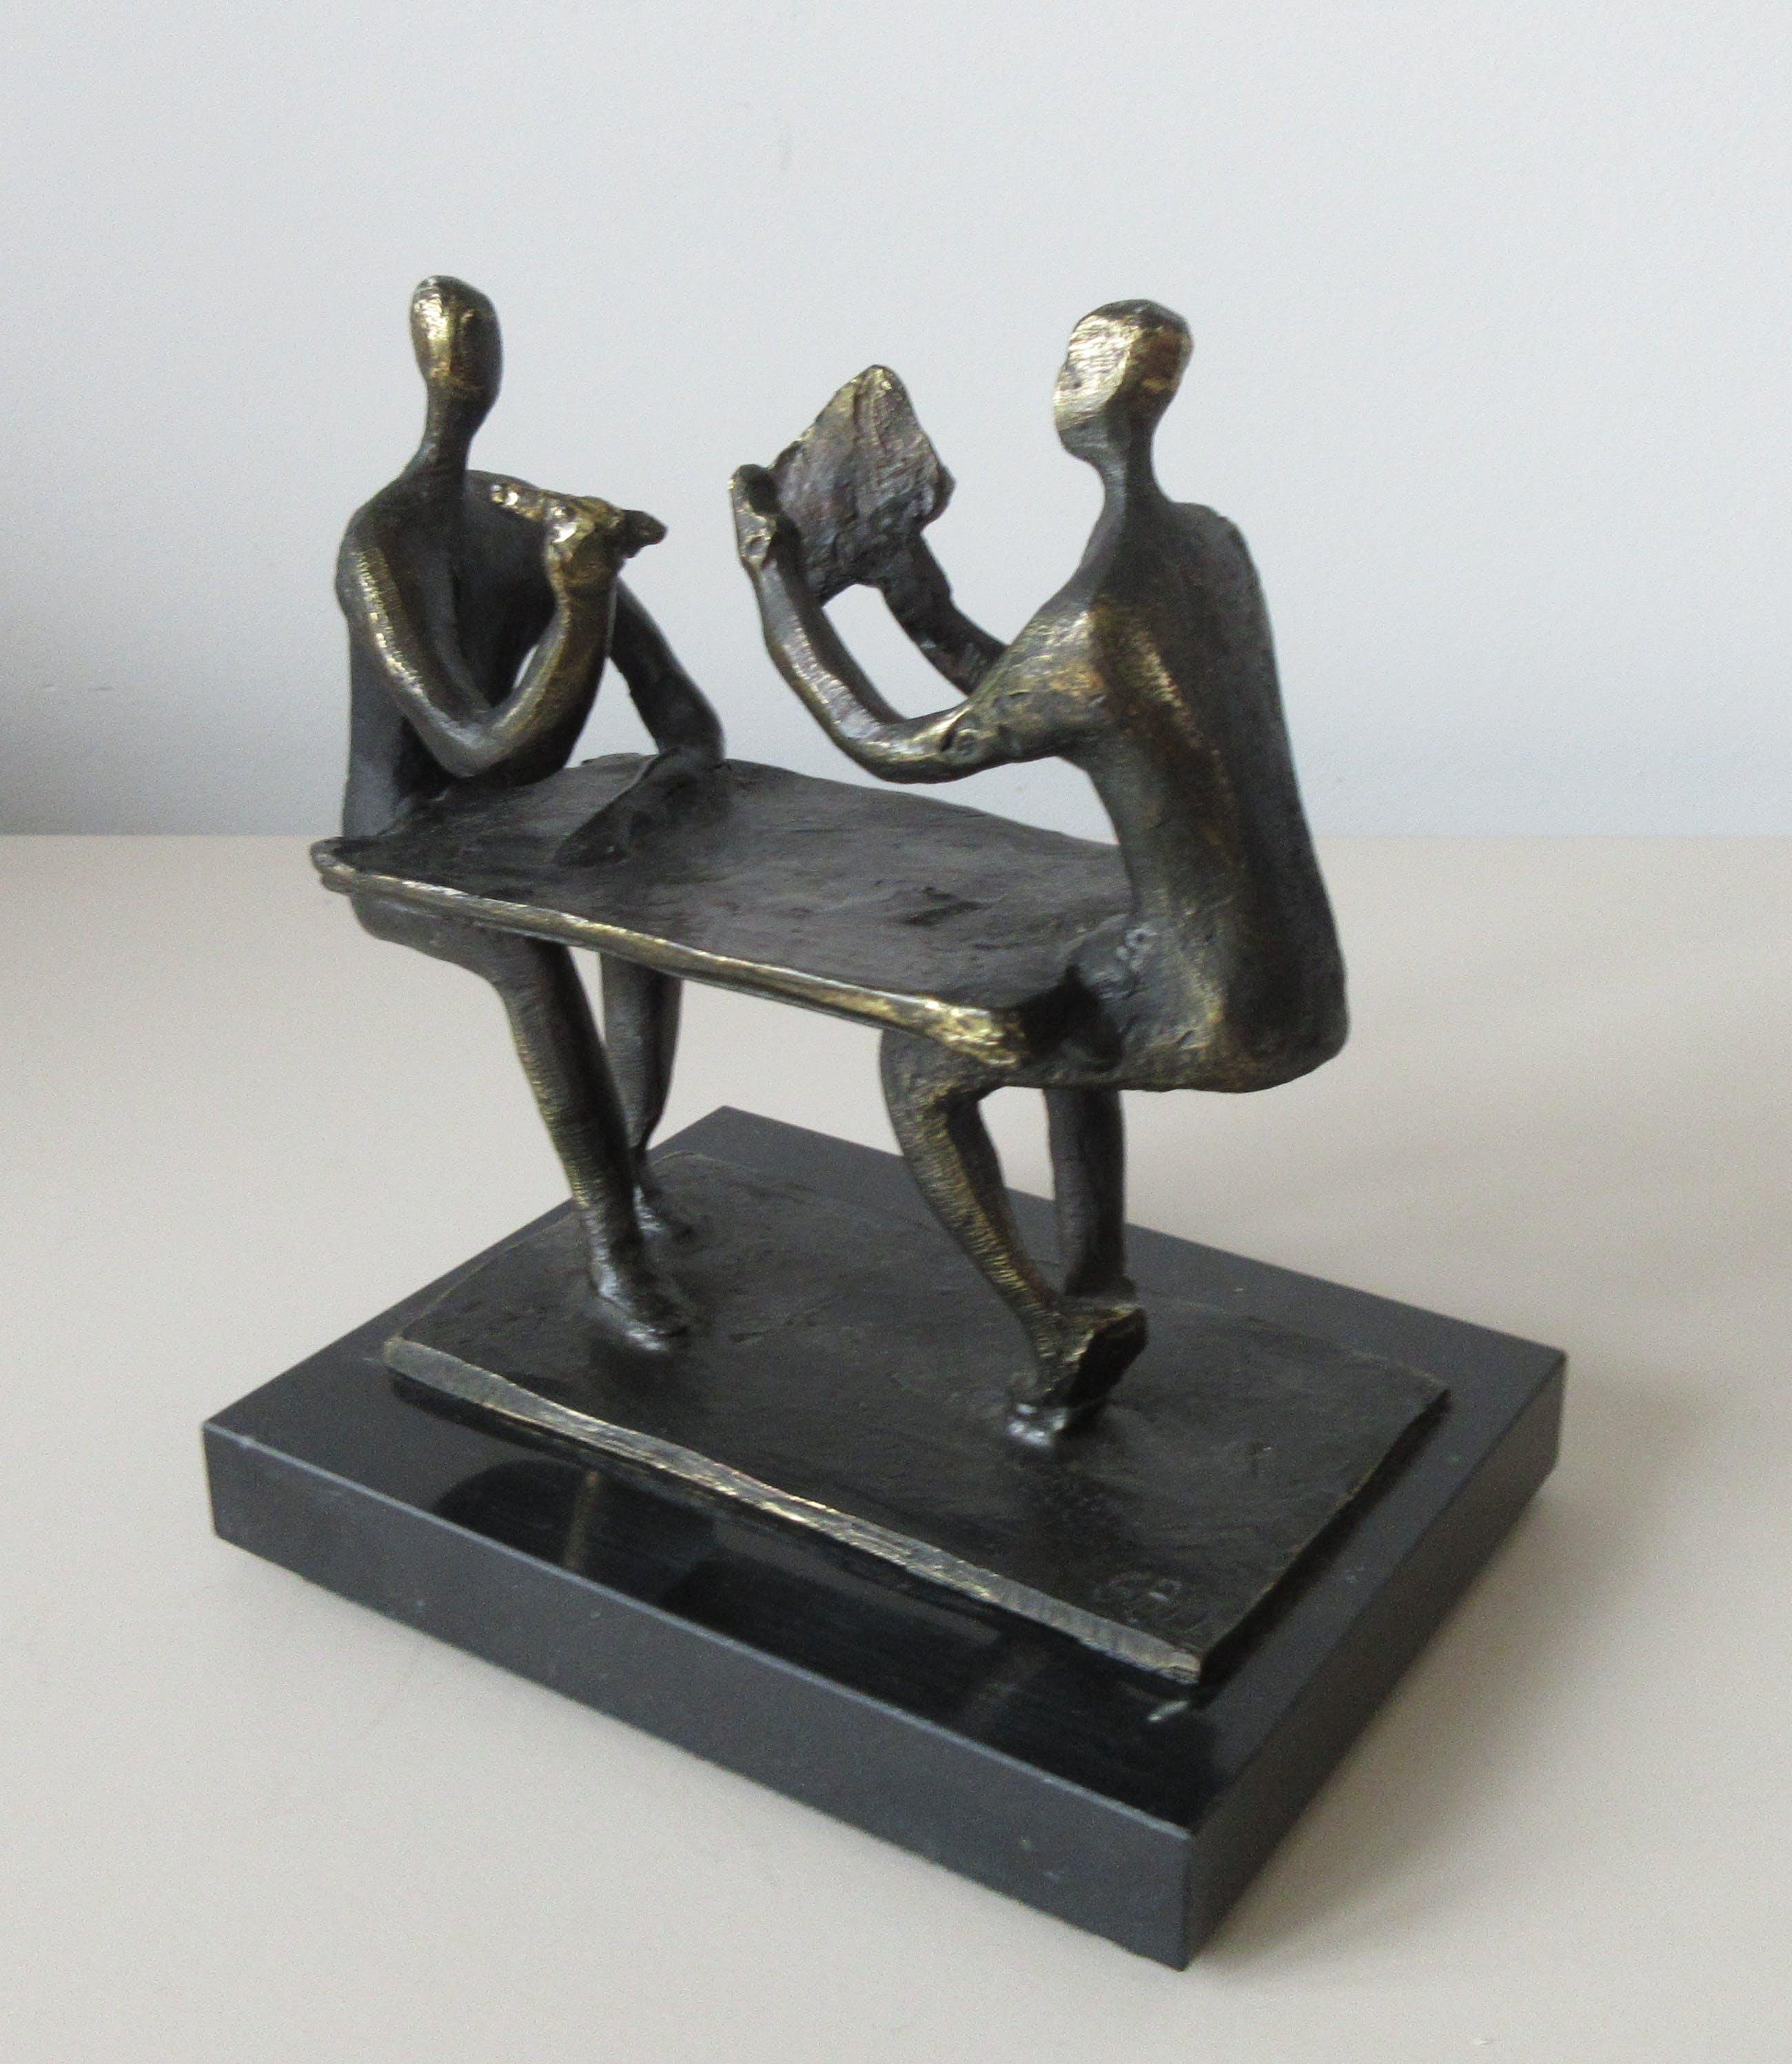 Corry Ammerlaan - Bronzen beeld op marmeren sokkel kopen? Bied vanaf 40!